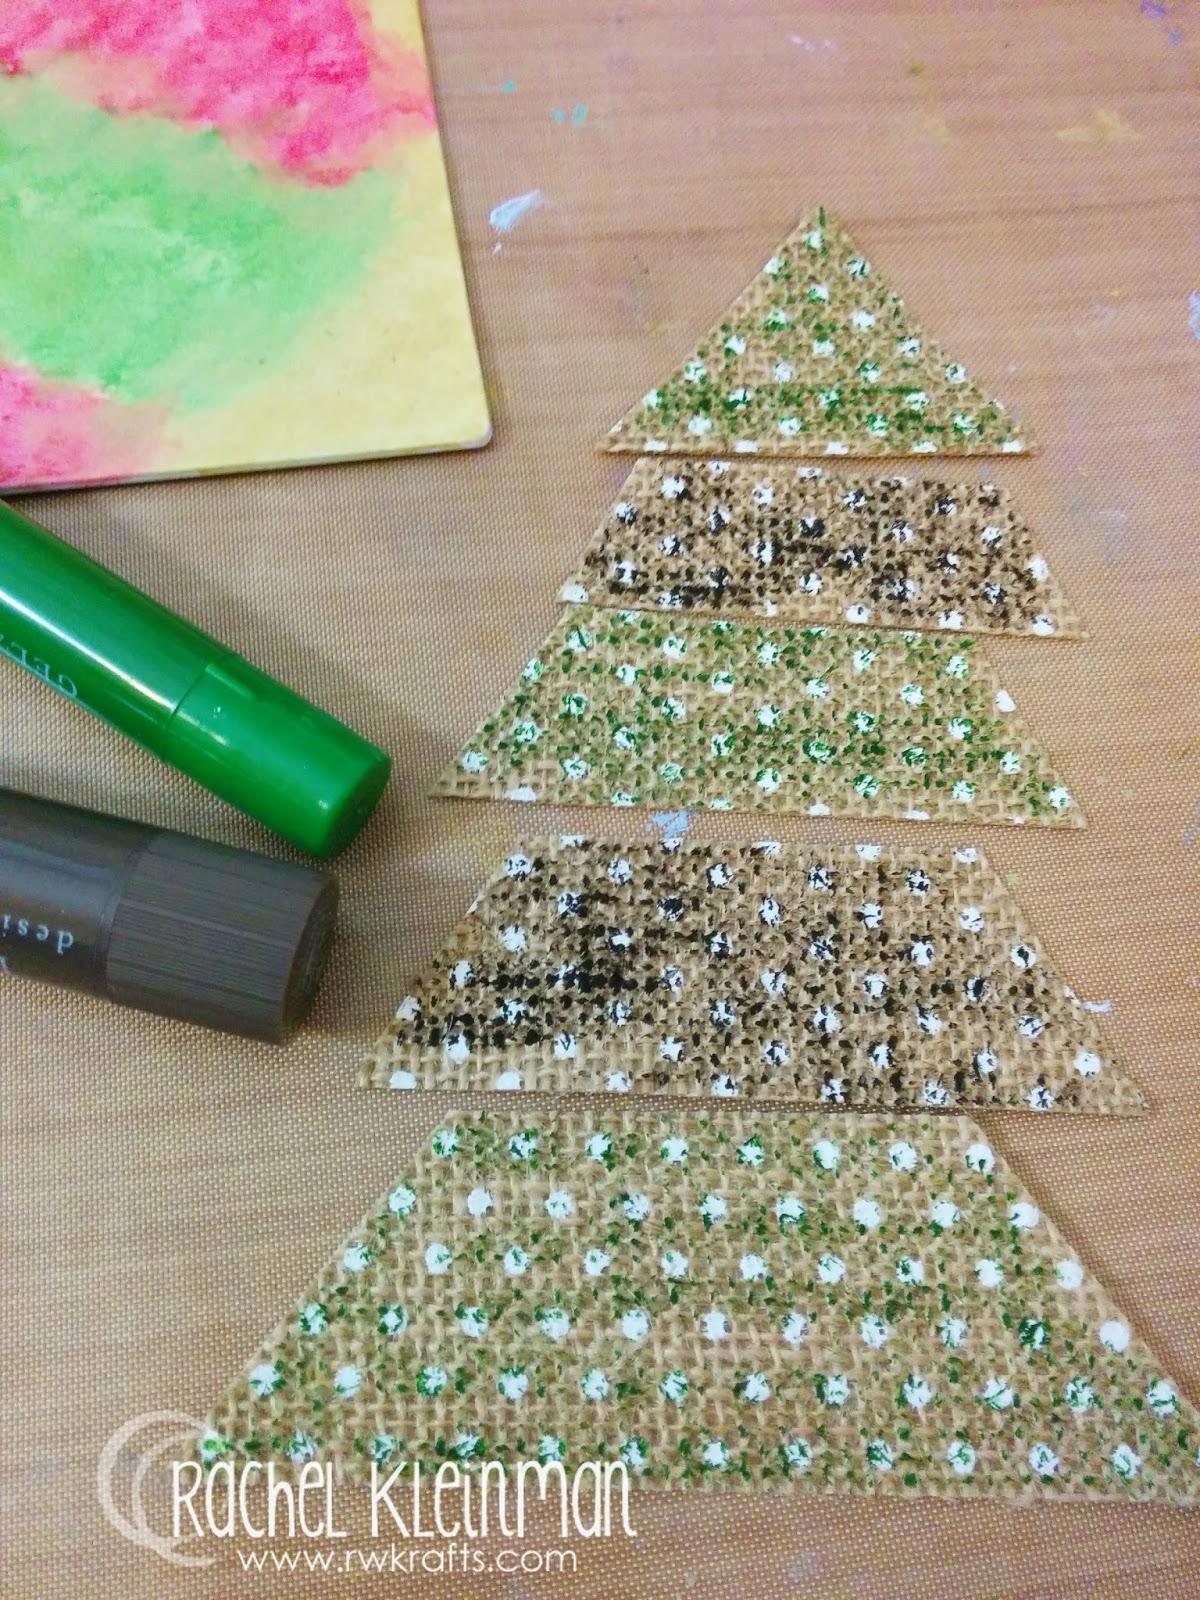 December Art Journal with Rachel Kleinman - Faber-Castell Design ...